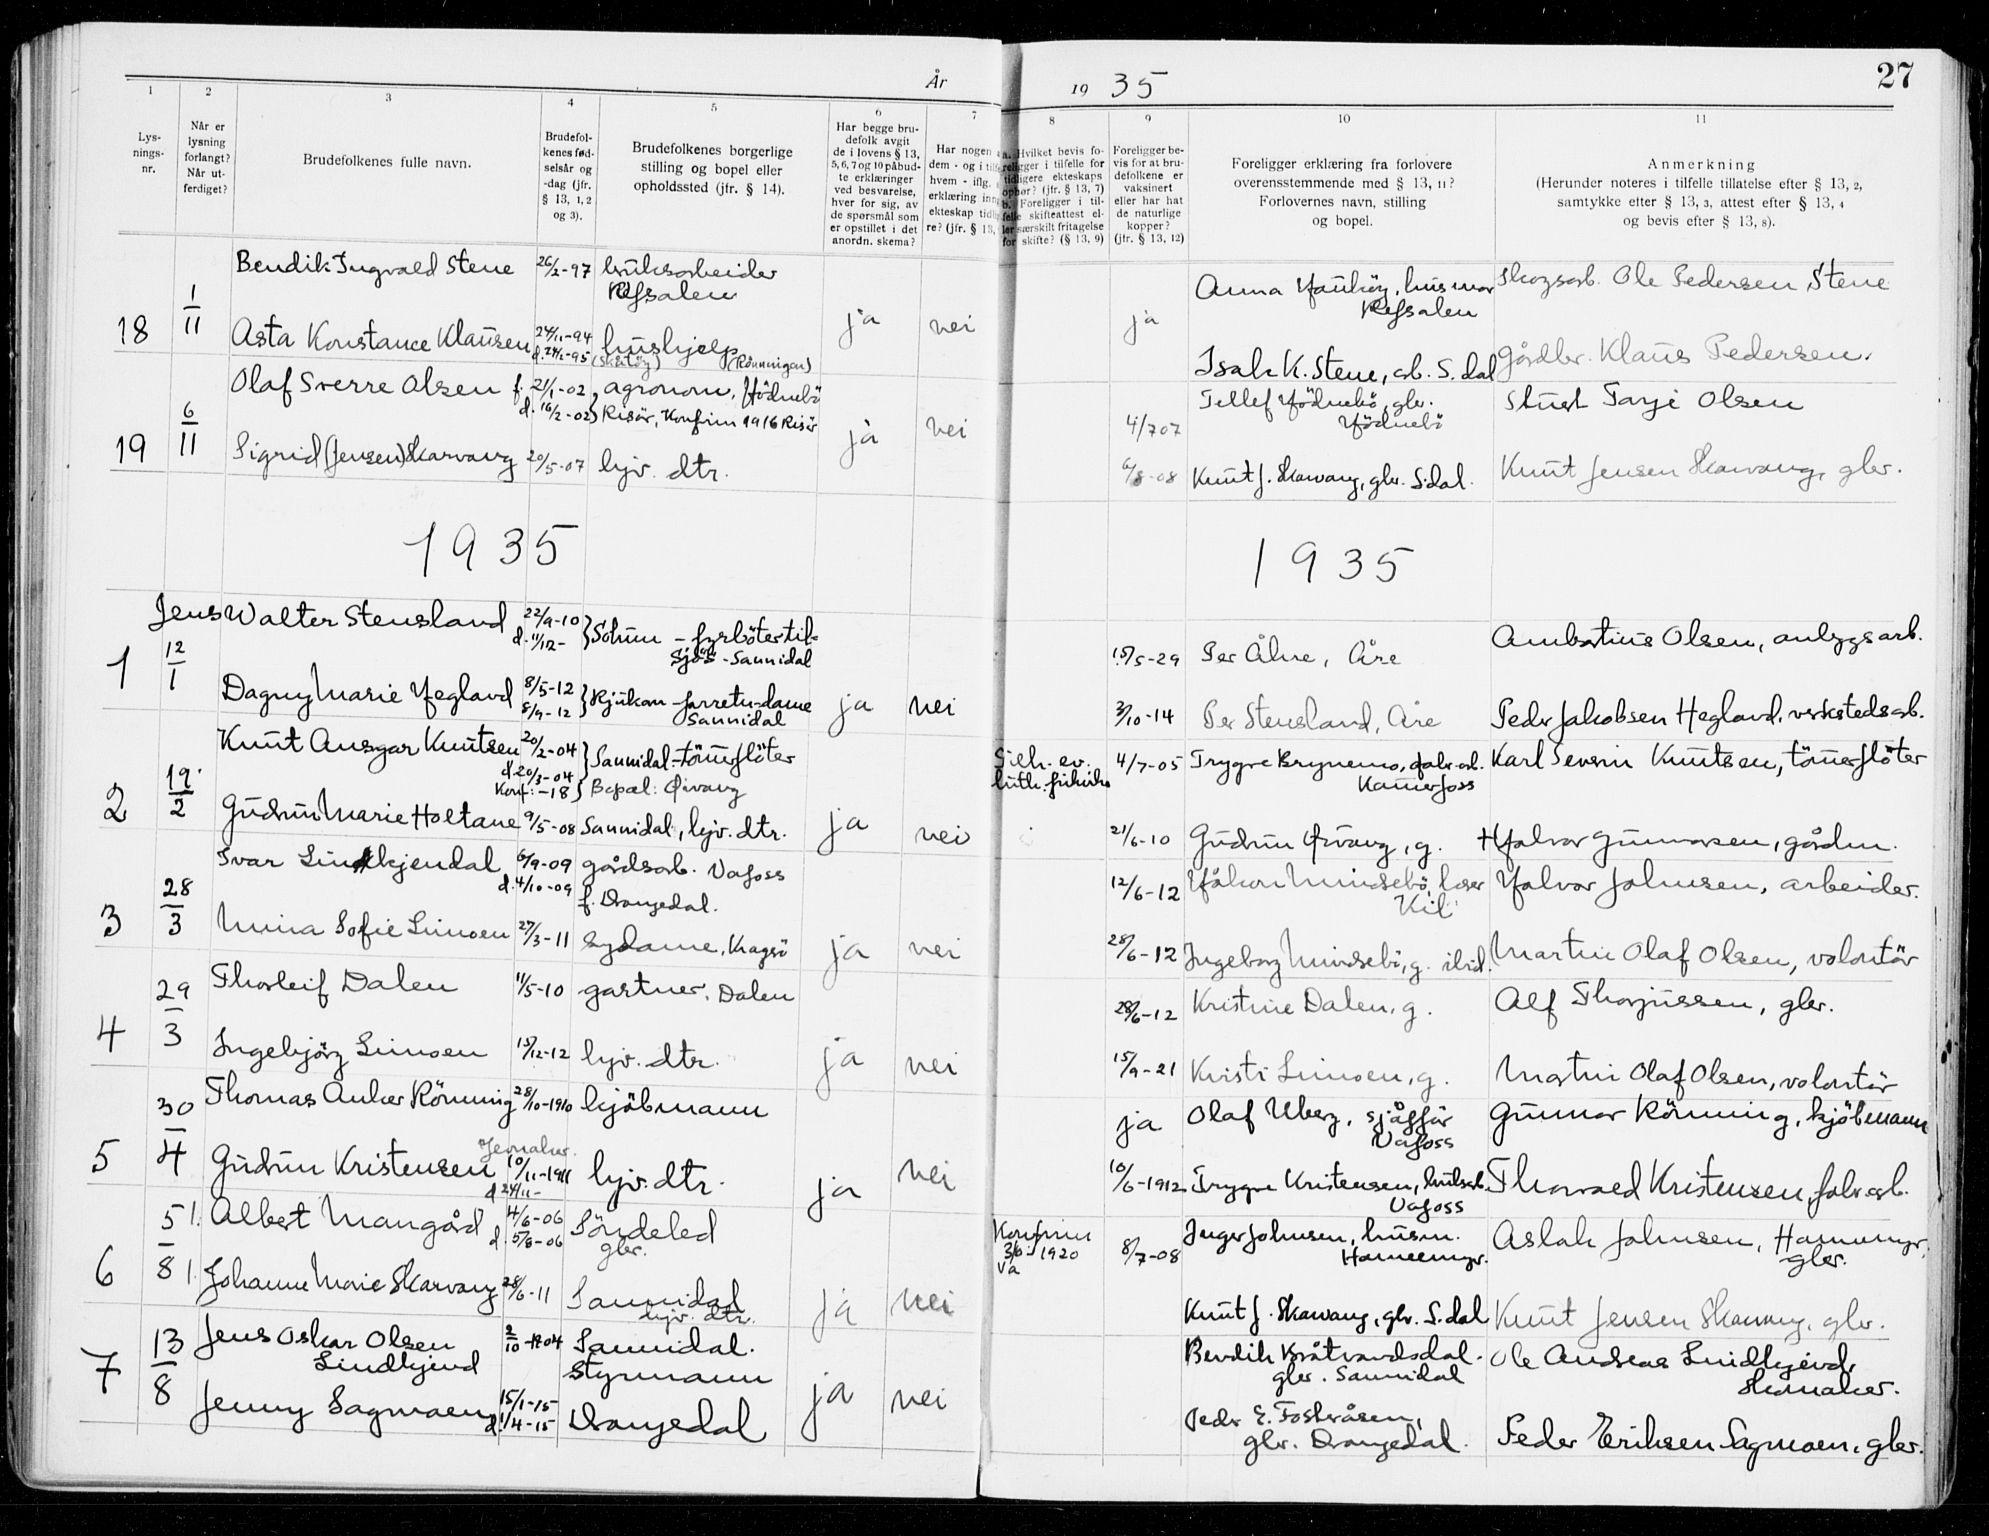 SAKO, Sannidal kirkebøker, H/Ha/L0002: Lysningsprotokoll nr. 2, 1919-1942, s. 27